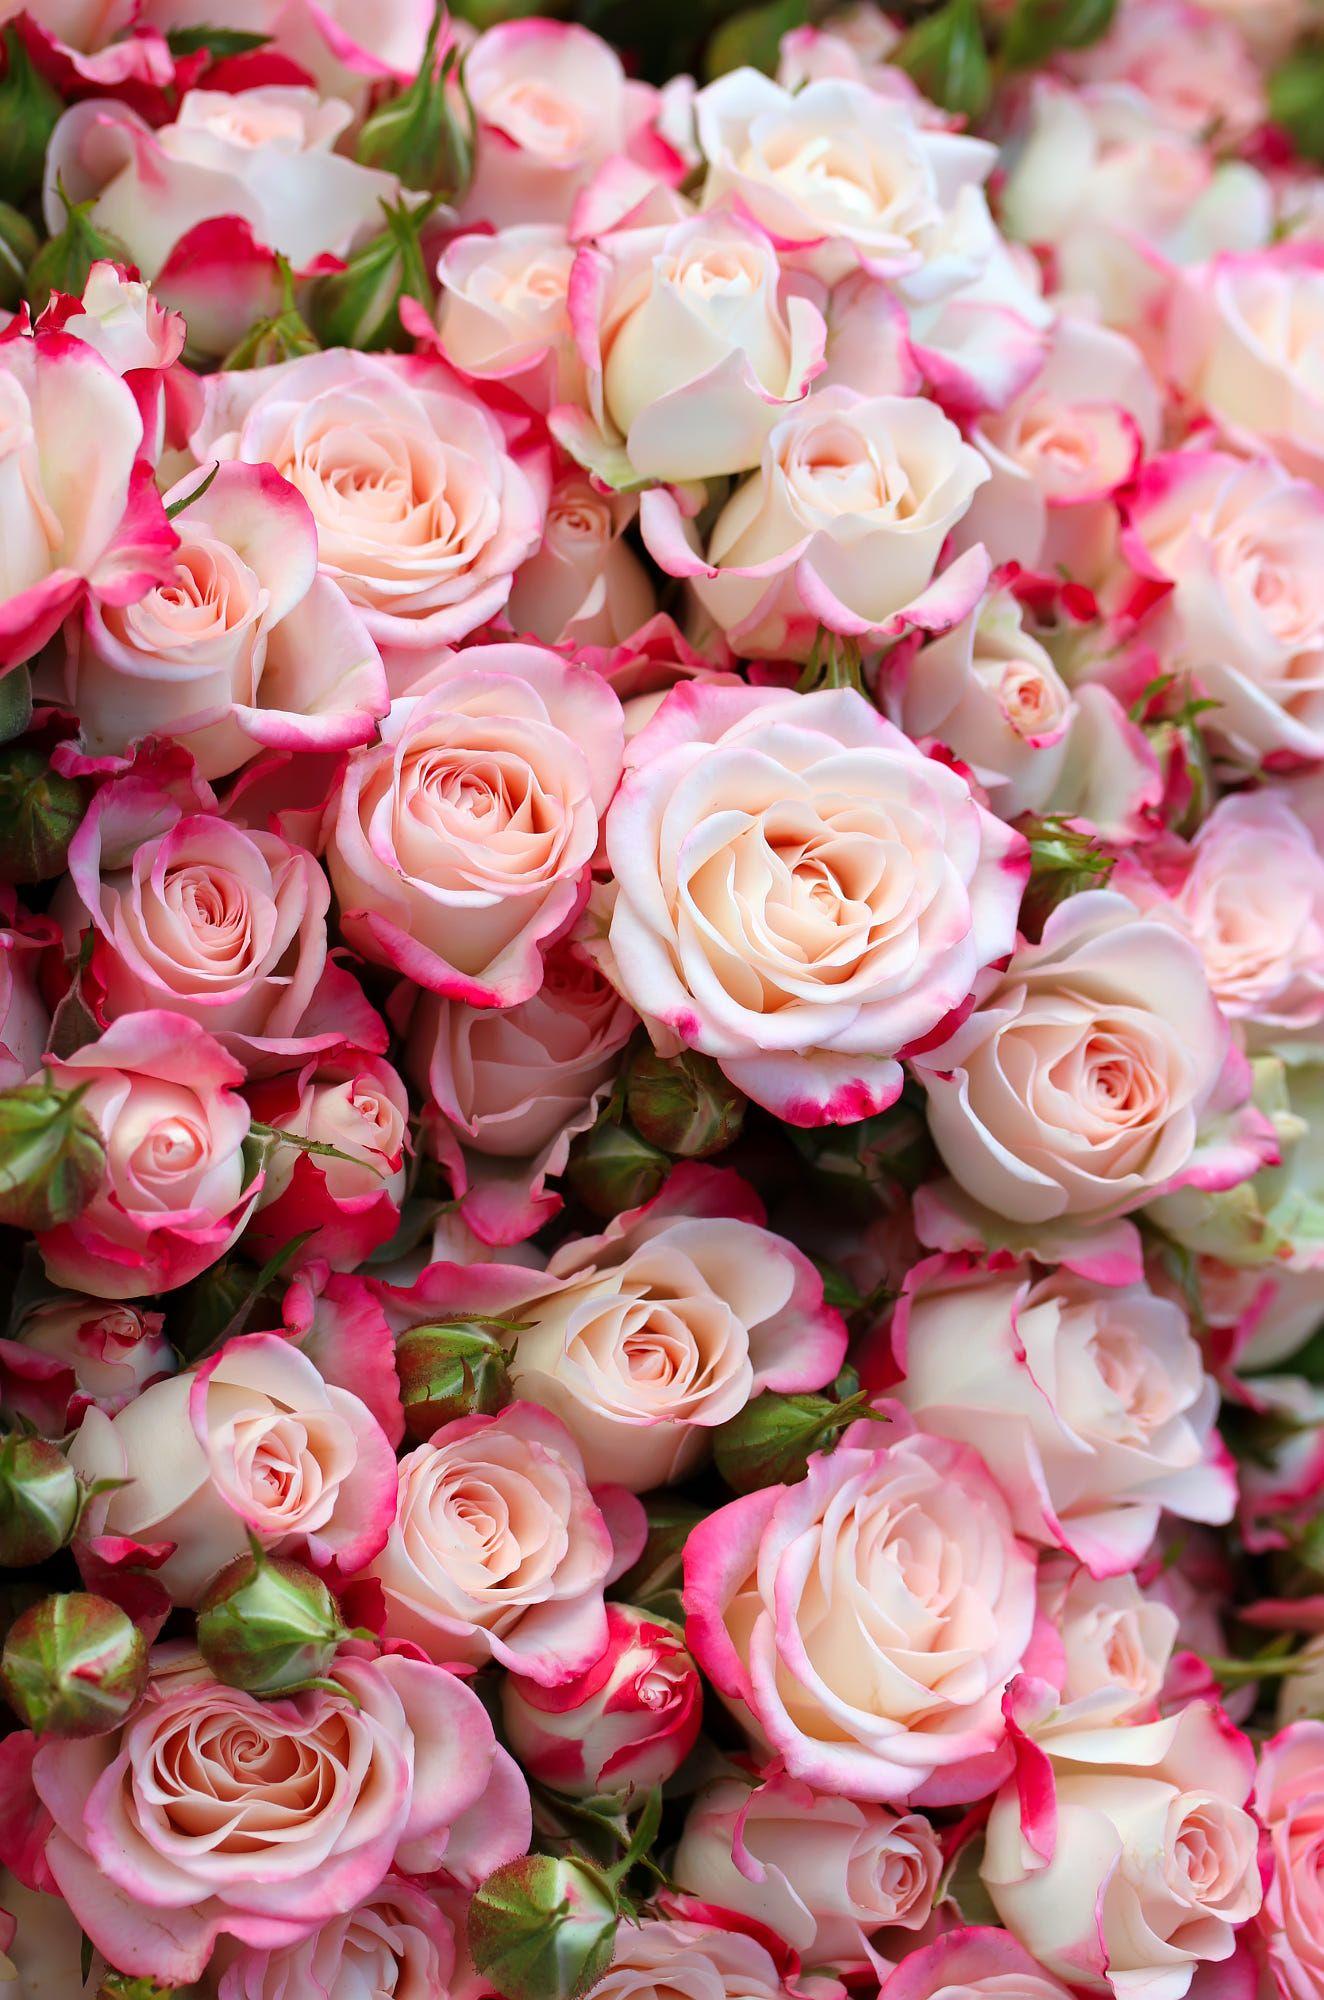 Красивые фото цветов в хорошем качестве